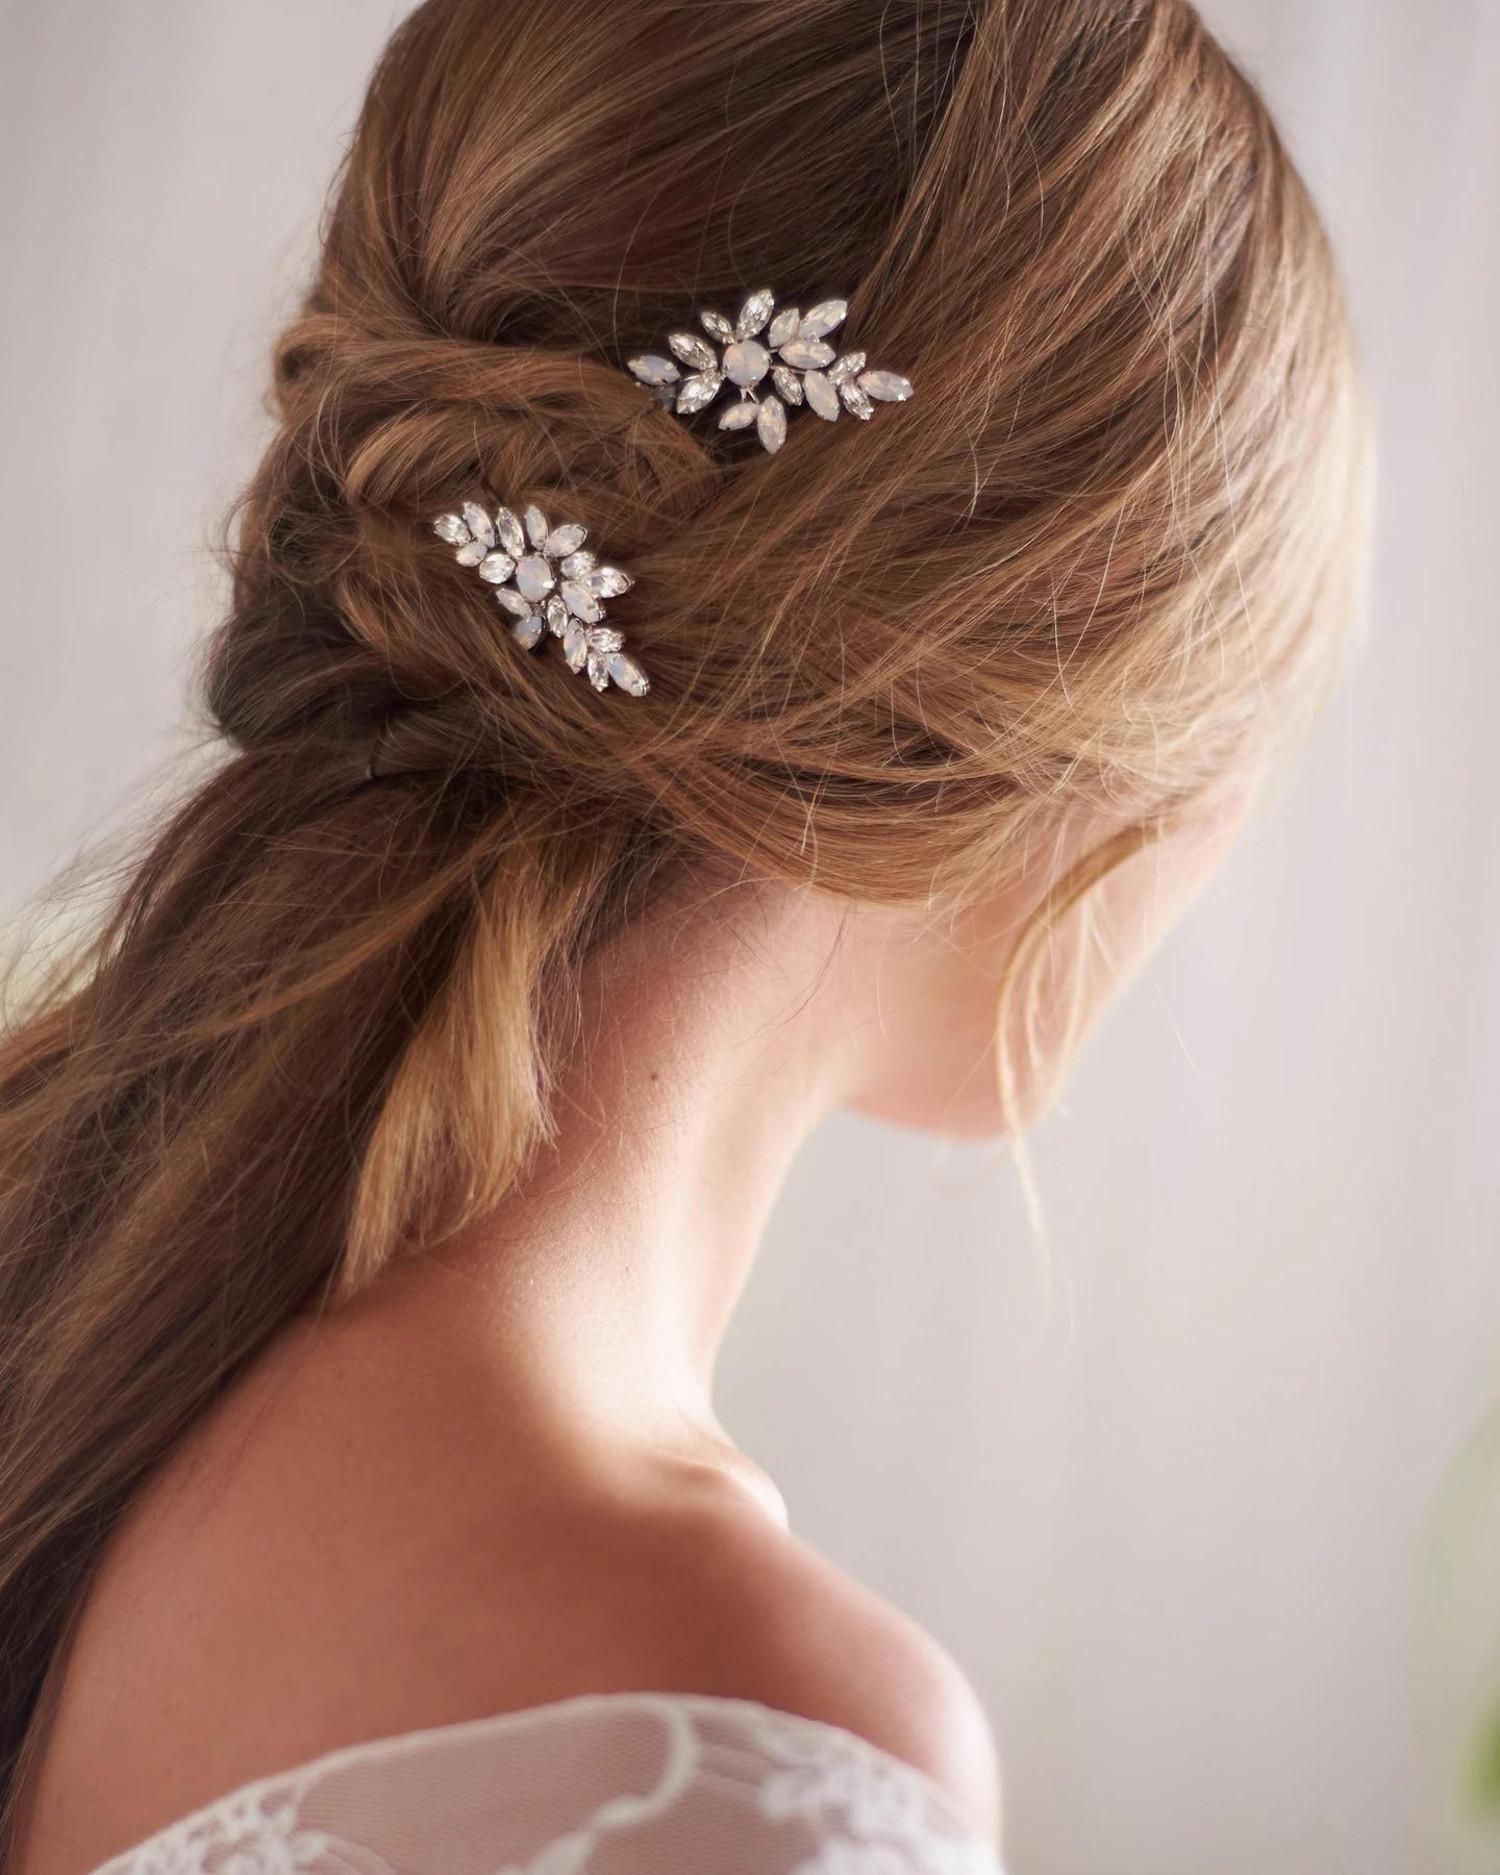 Ariana_Set of Bridal Crystal Hair Pins